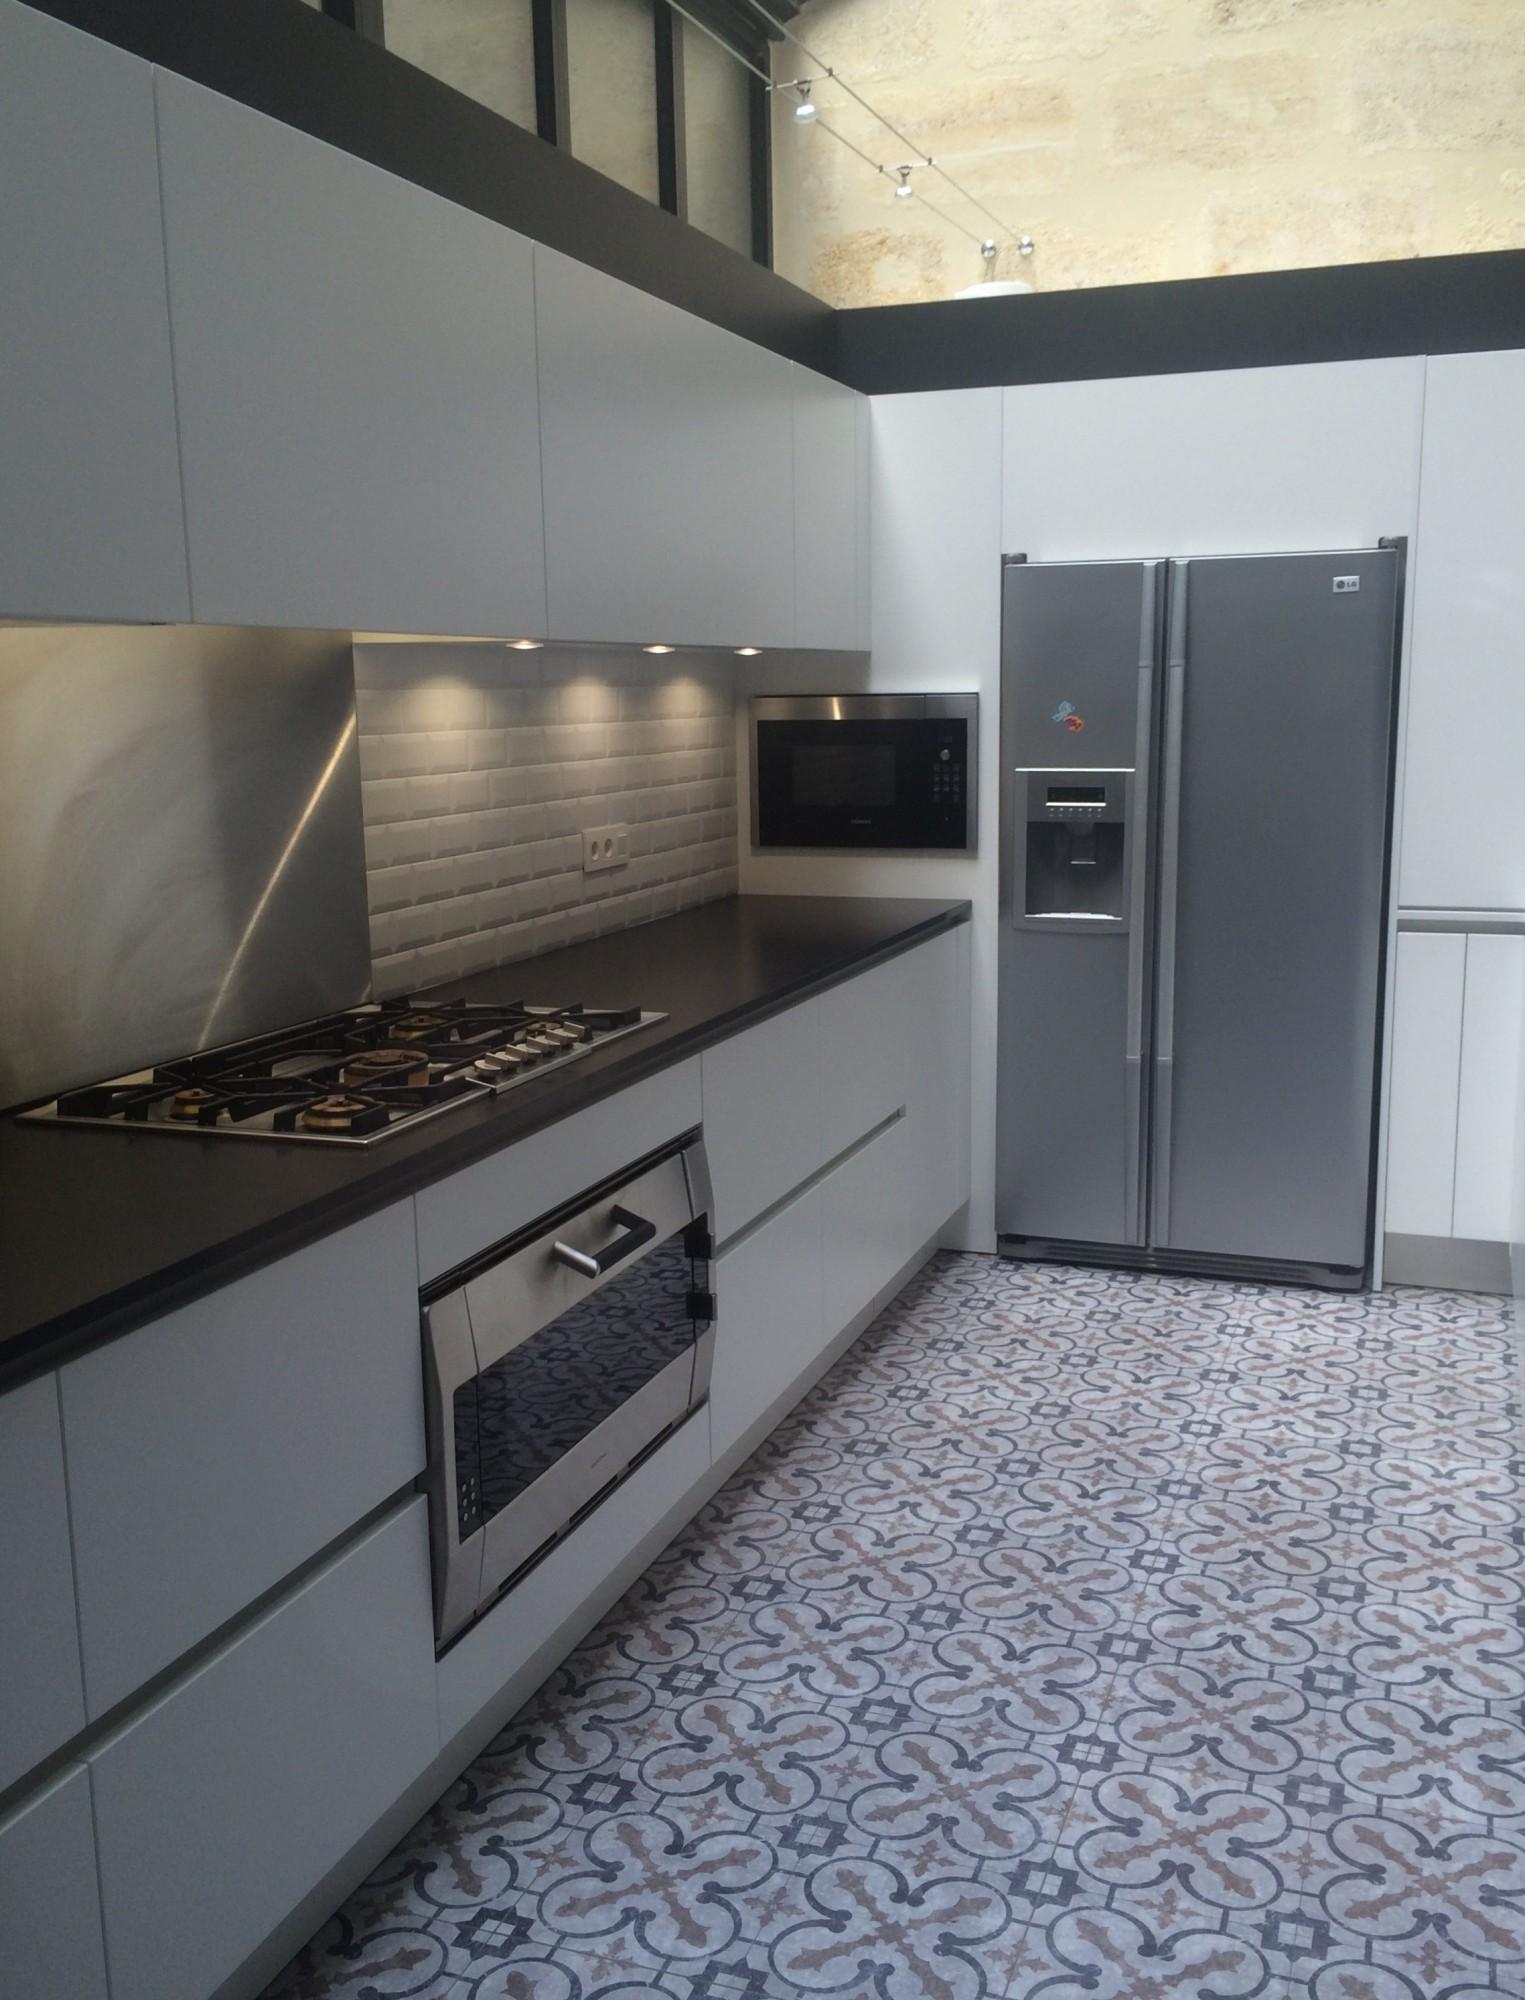 plan de travail cuisine granit noir mat lille. Black Bedroom Furniture Sets. Home Design Ideas